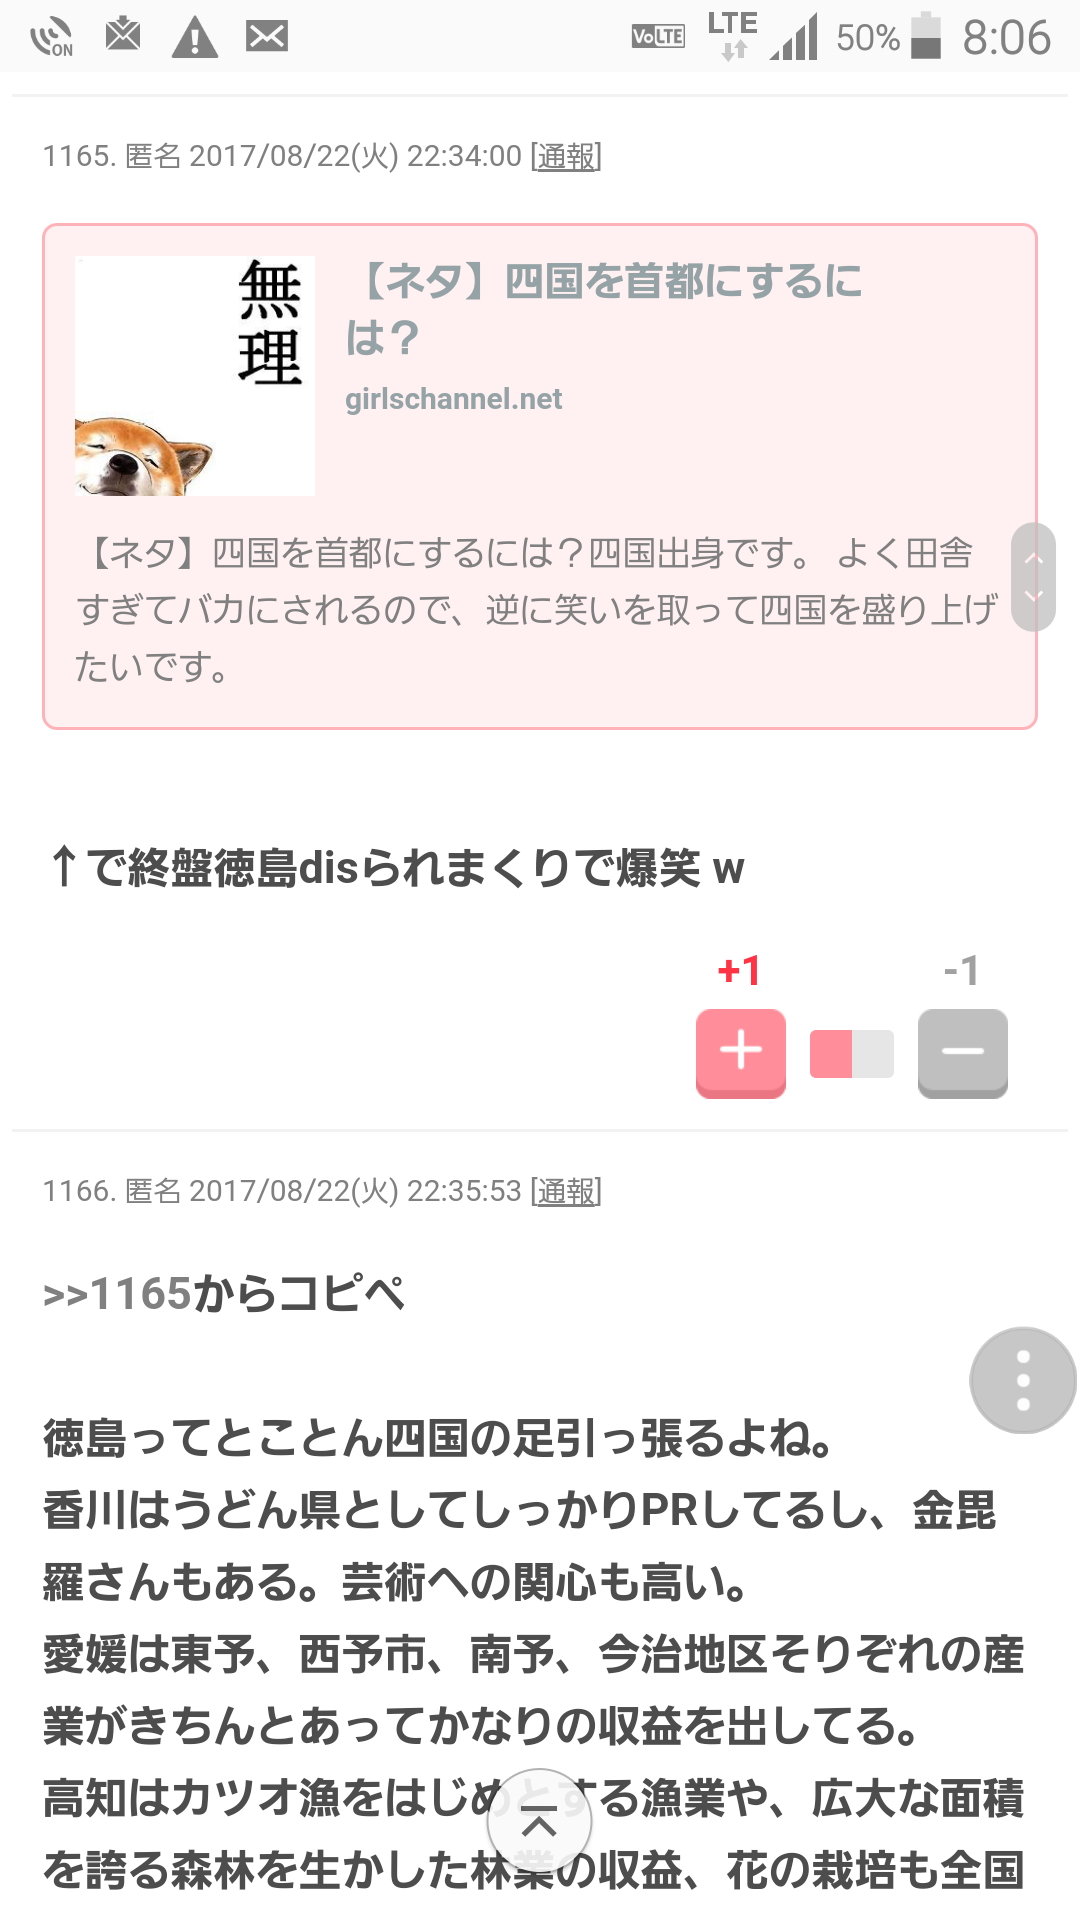 【ネタ】四国を首都にするには?